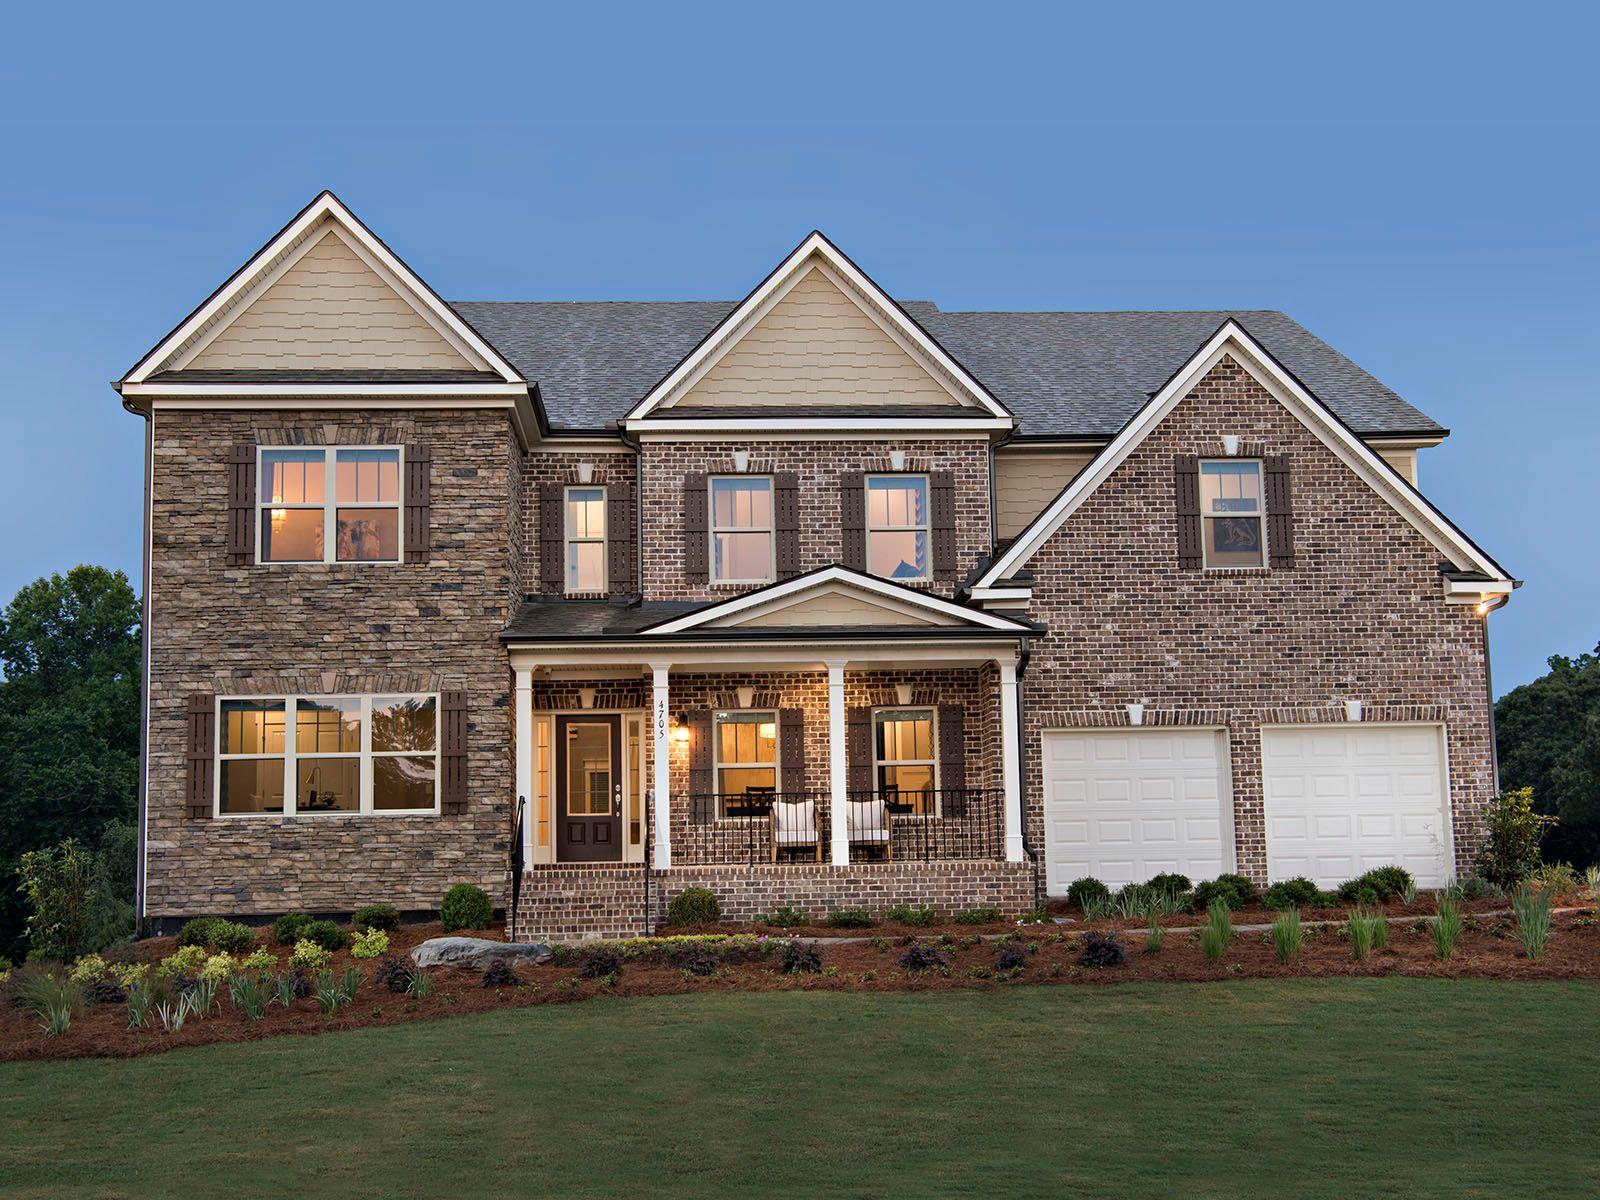 Model Home - Lawson